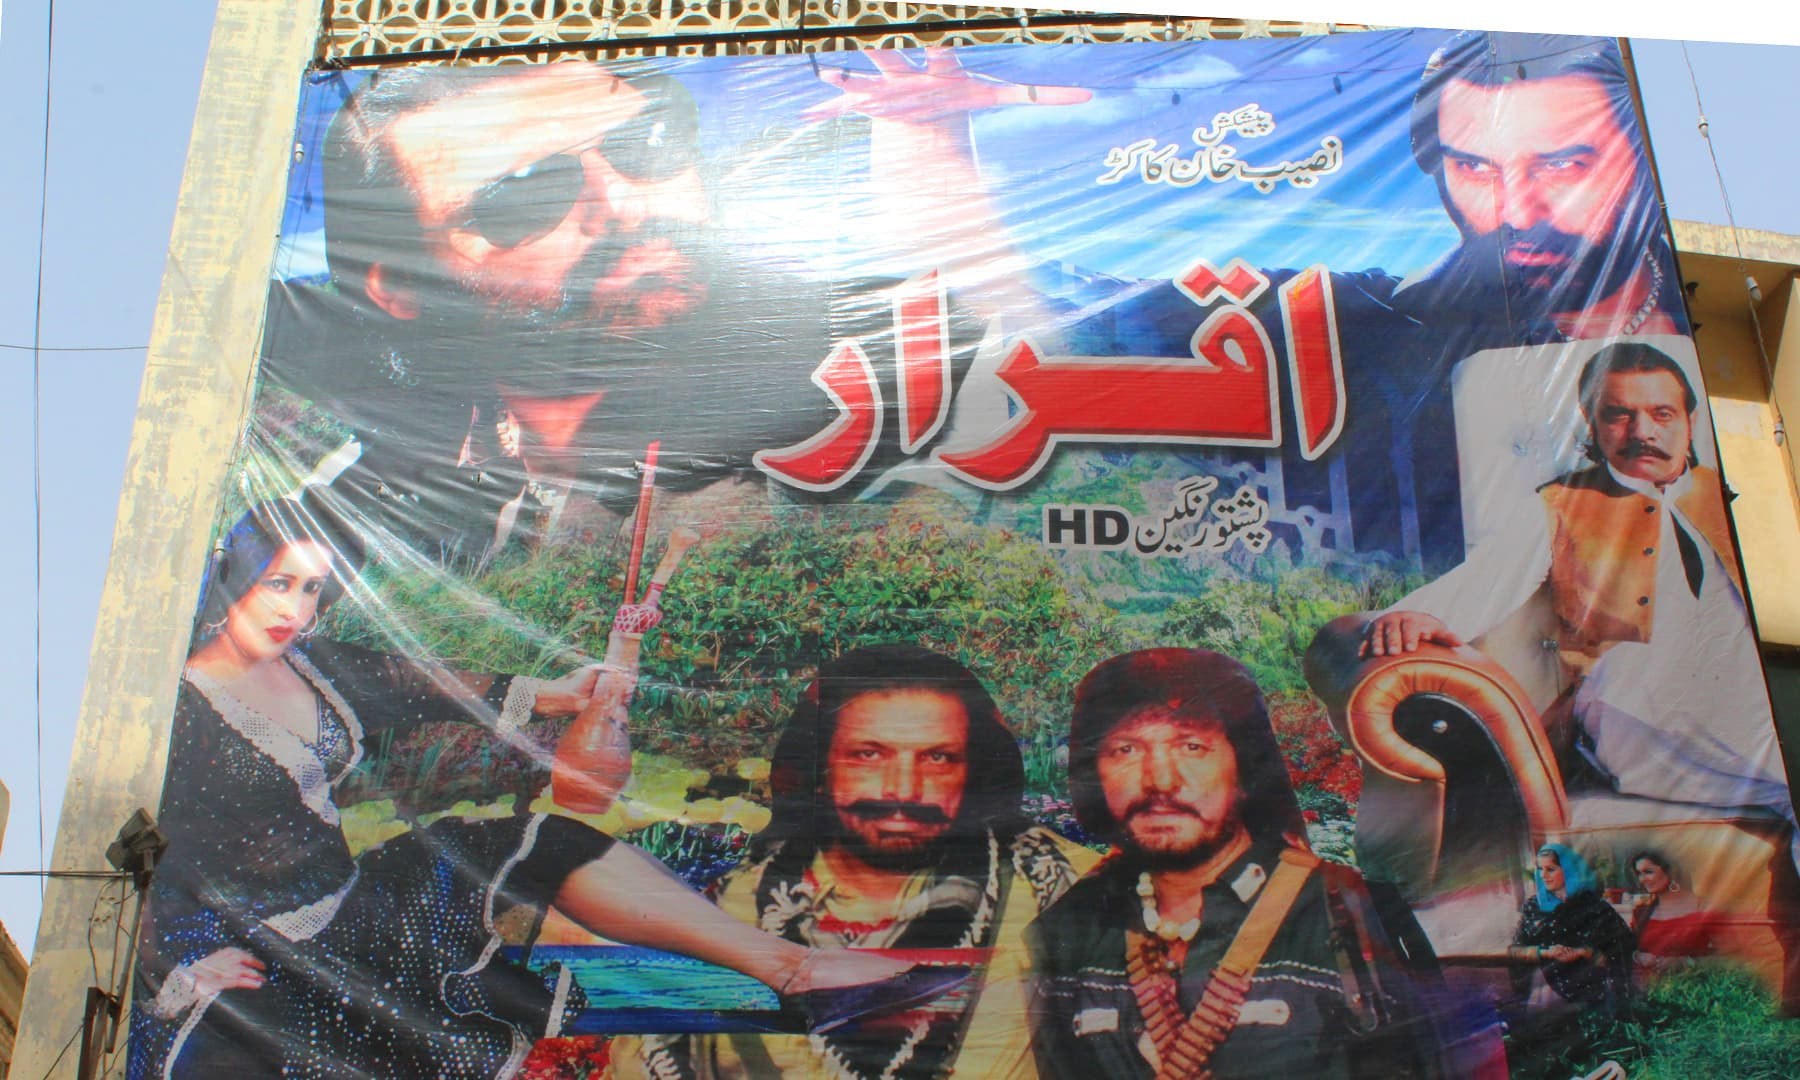 اب بمبینو میں لگنے والی فلم کے تمام تر پوسٹر لاہور سے بن کر آتے ہیں—تصویر اختر حفیظ